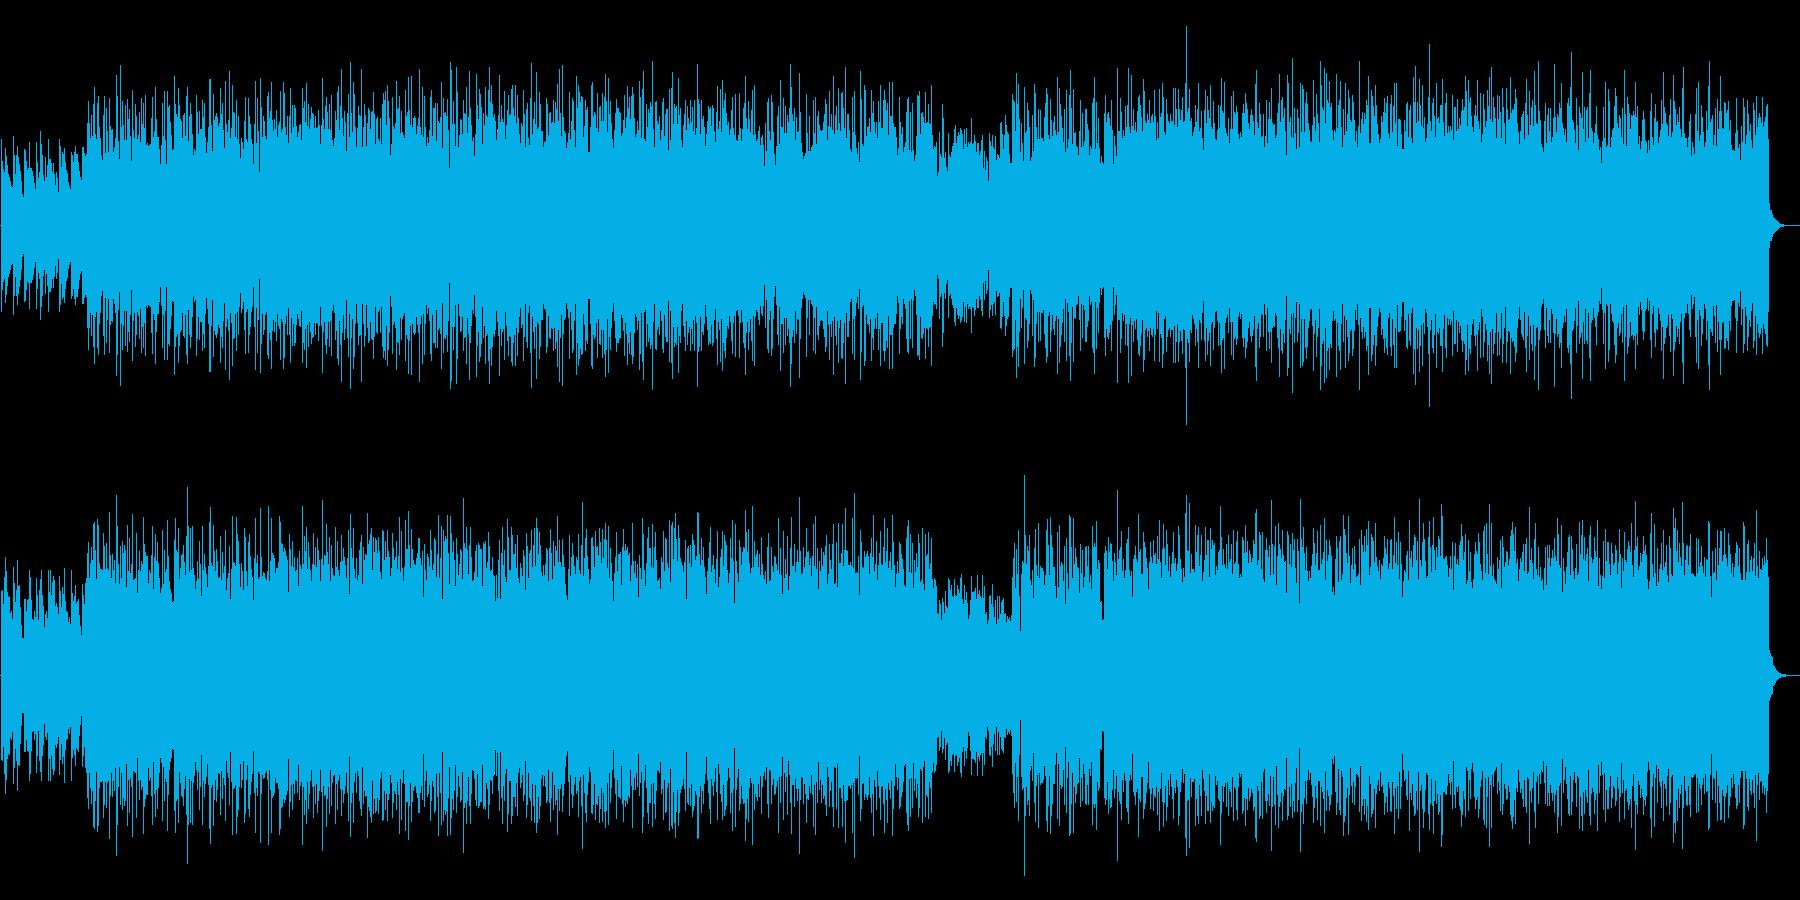 生演奏アコギ 哀愁感のあるエモいBGMの再生済みの波形